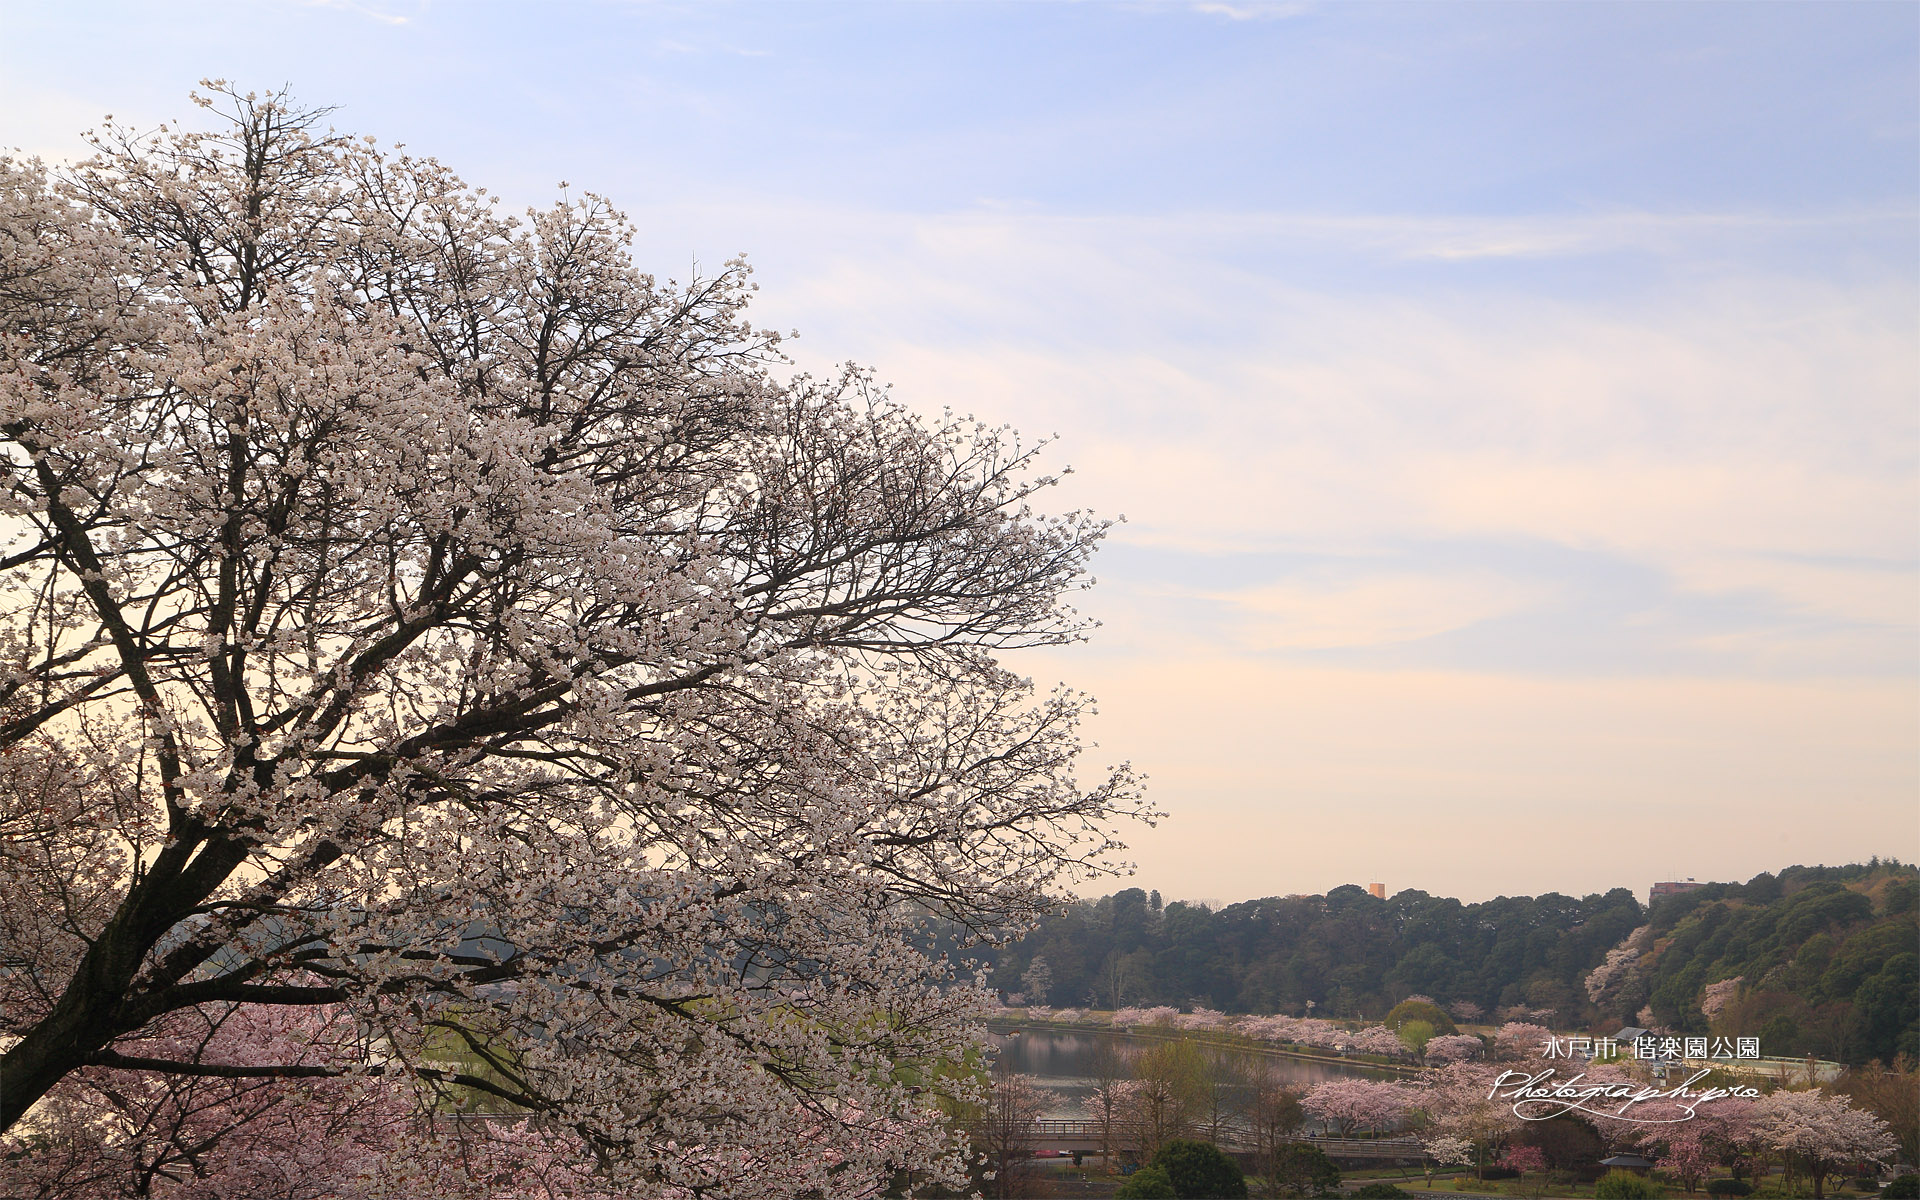 水戸市 偕楽園公園の桜